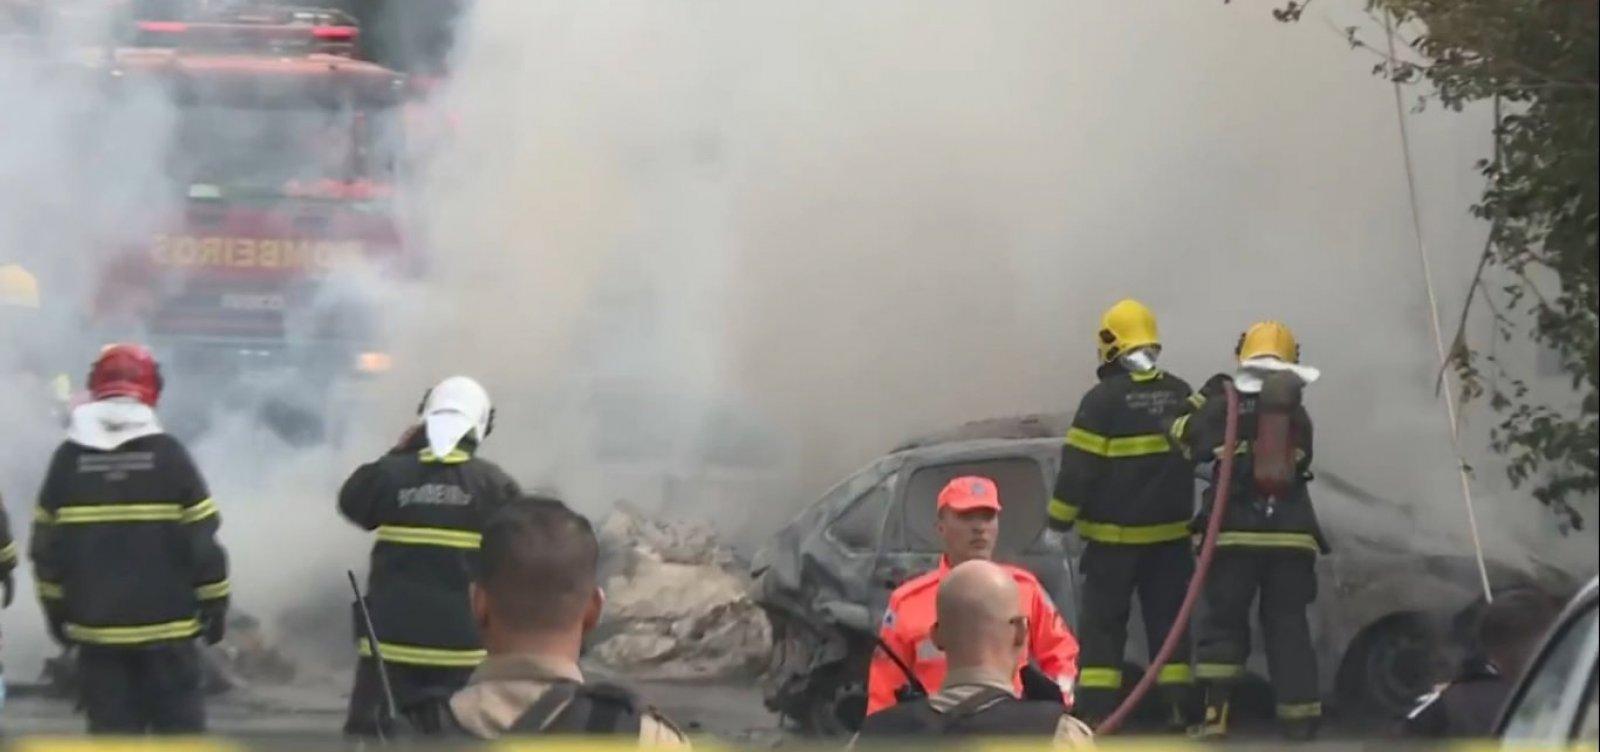 Avião que caiu em BH decolou com destino a Ilhéus; três morreram